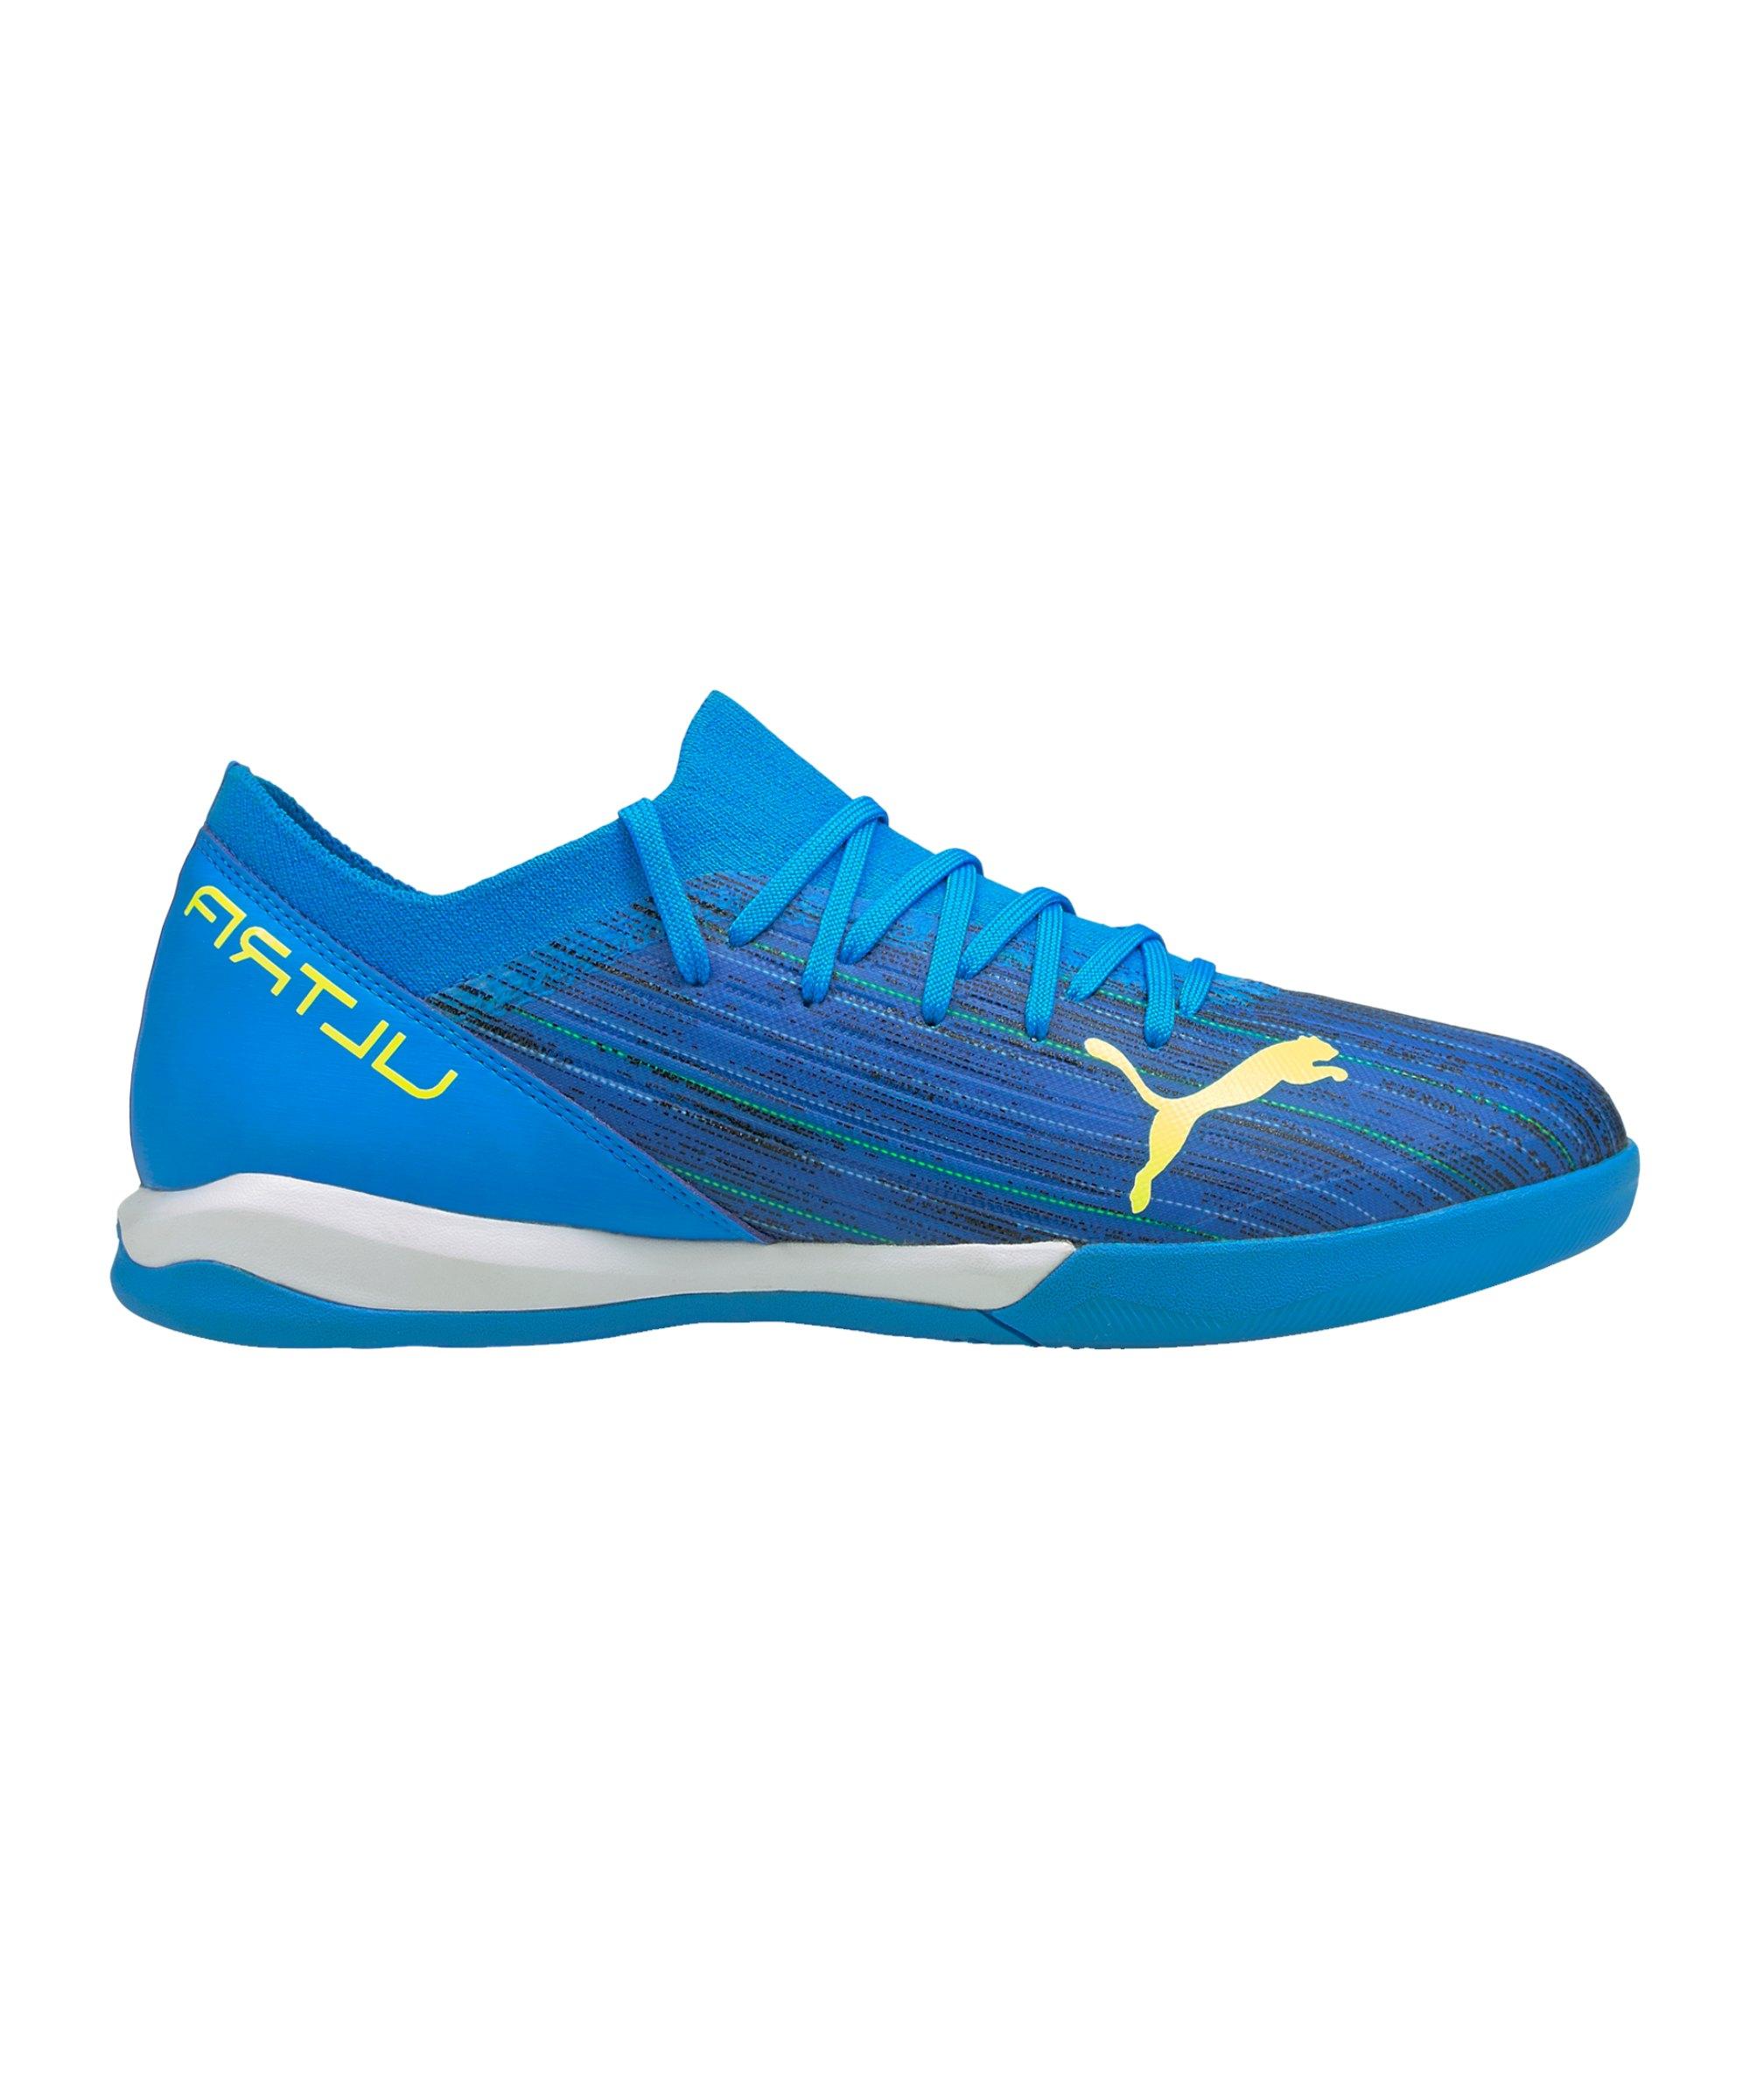 PUMA ULTRA Speed of Light 3.2 IT Halle Blau Gelb F01 - blau